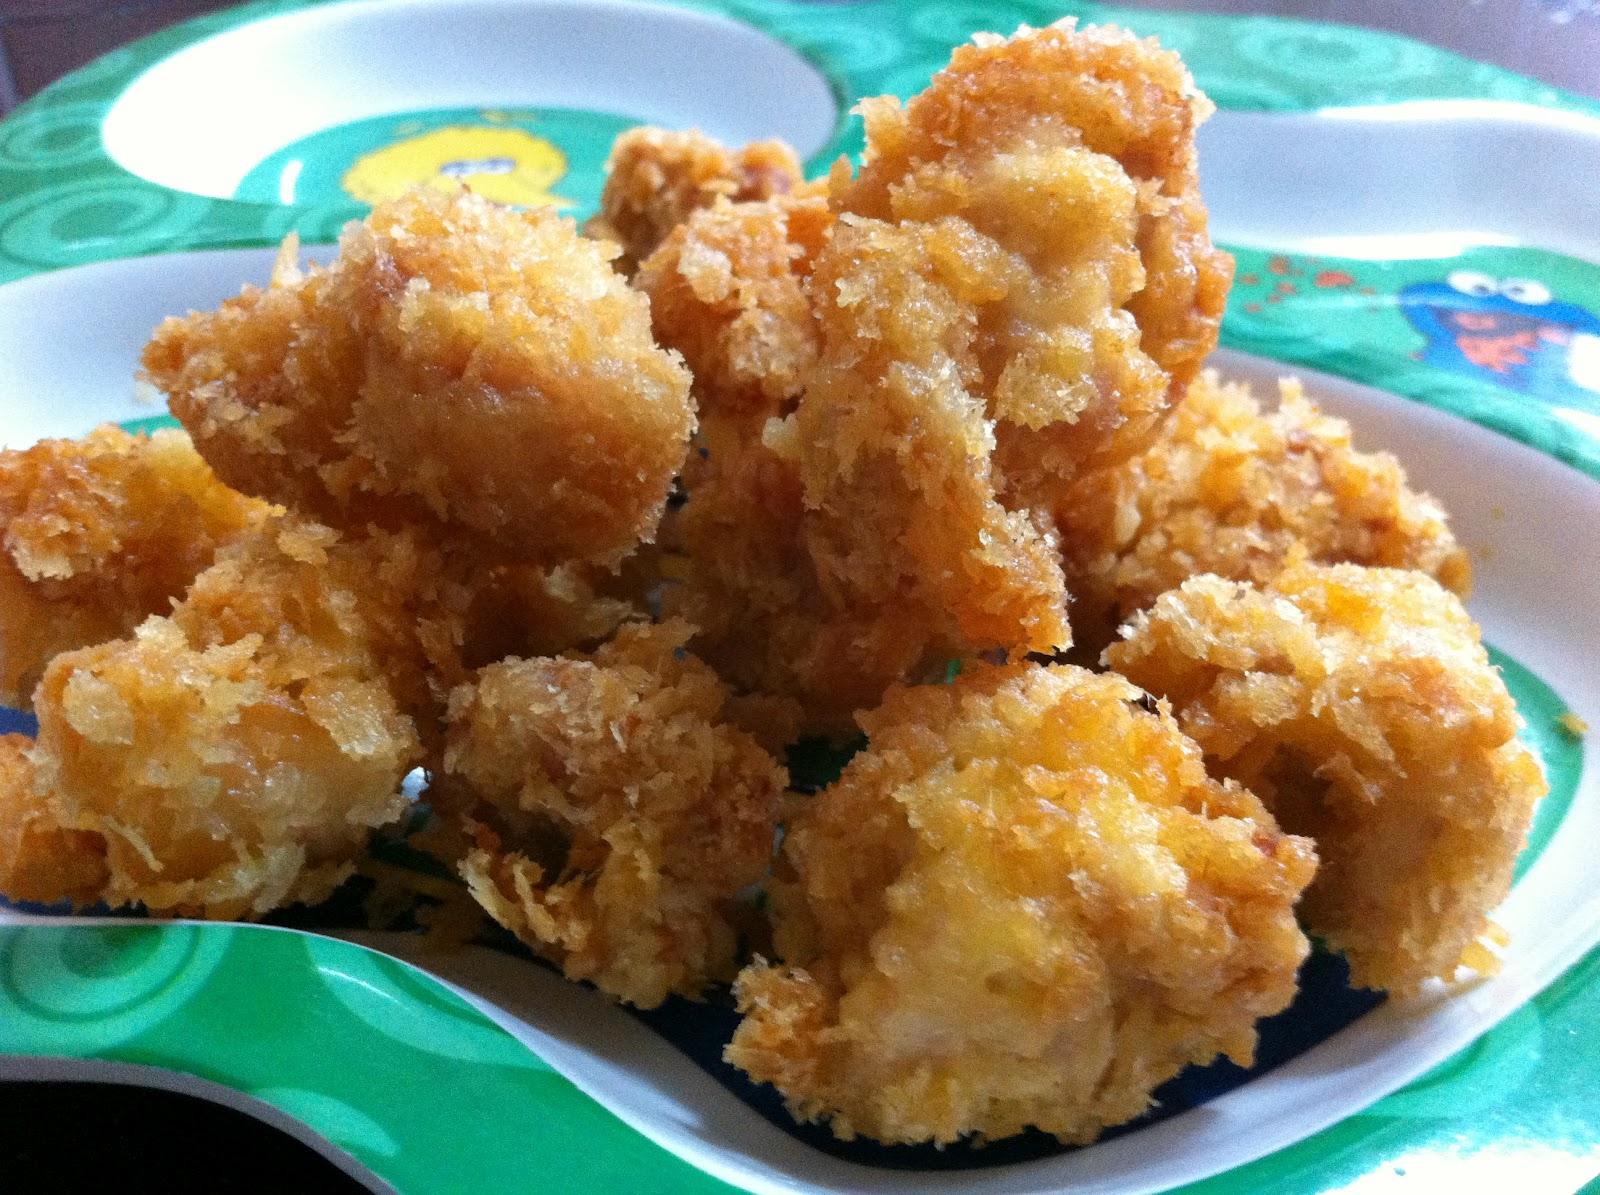 Popcorn Chicken Kids Style : Pop+Corn+Chicken Confessions of a Weekend Cook: Popcorn Chicken